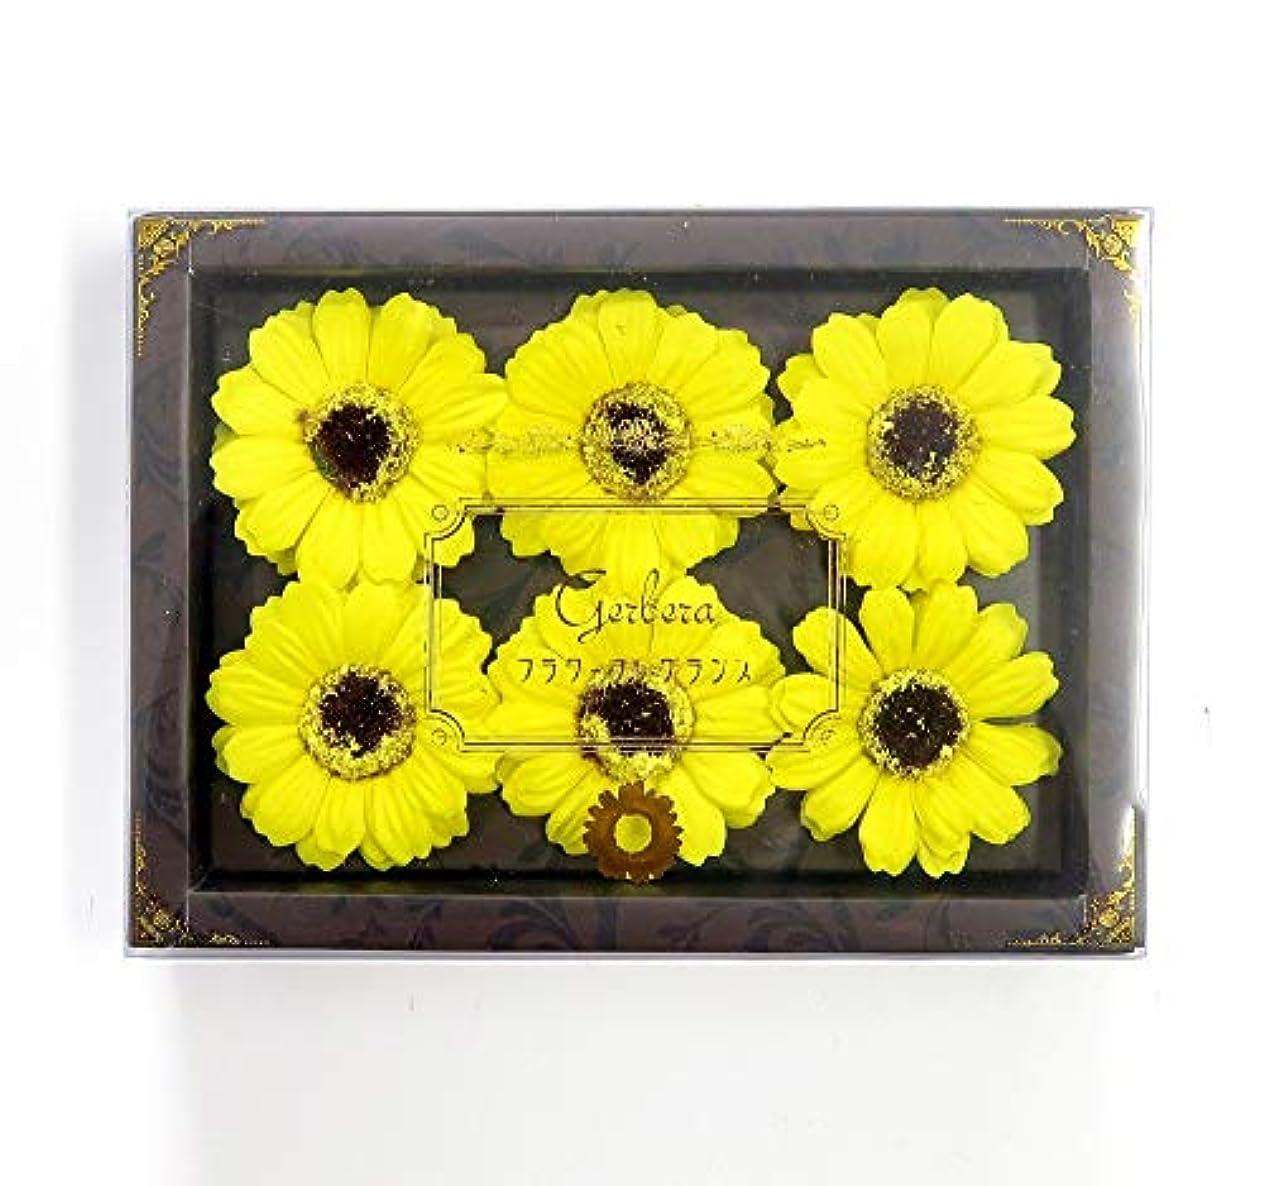 花のカタチの入浴剤 ガーベラ バスフレグランス フラワーフレグランス バスフラワー (イエロー)